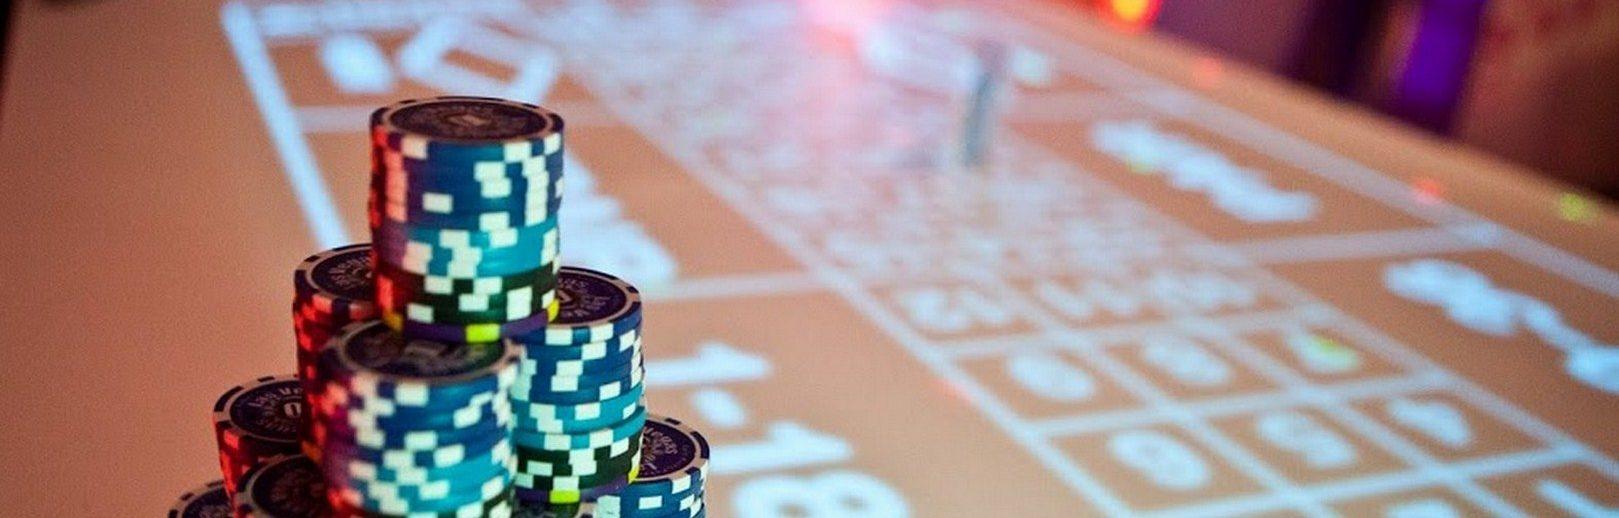 Casino Lumineux